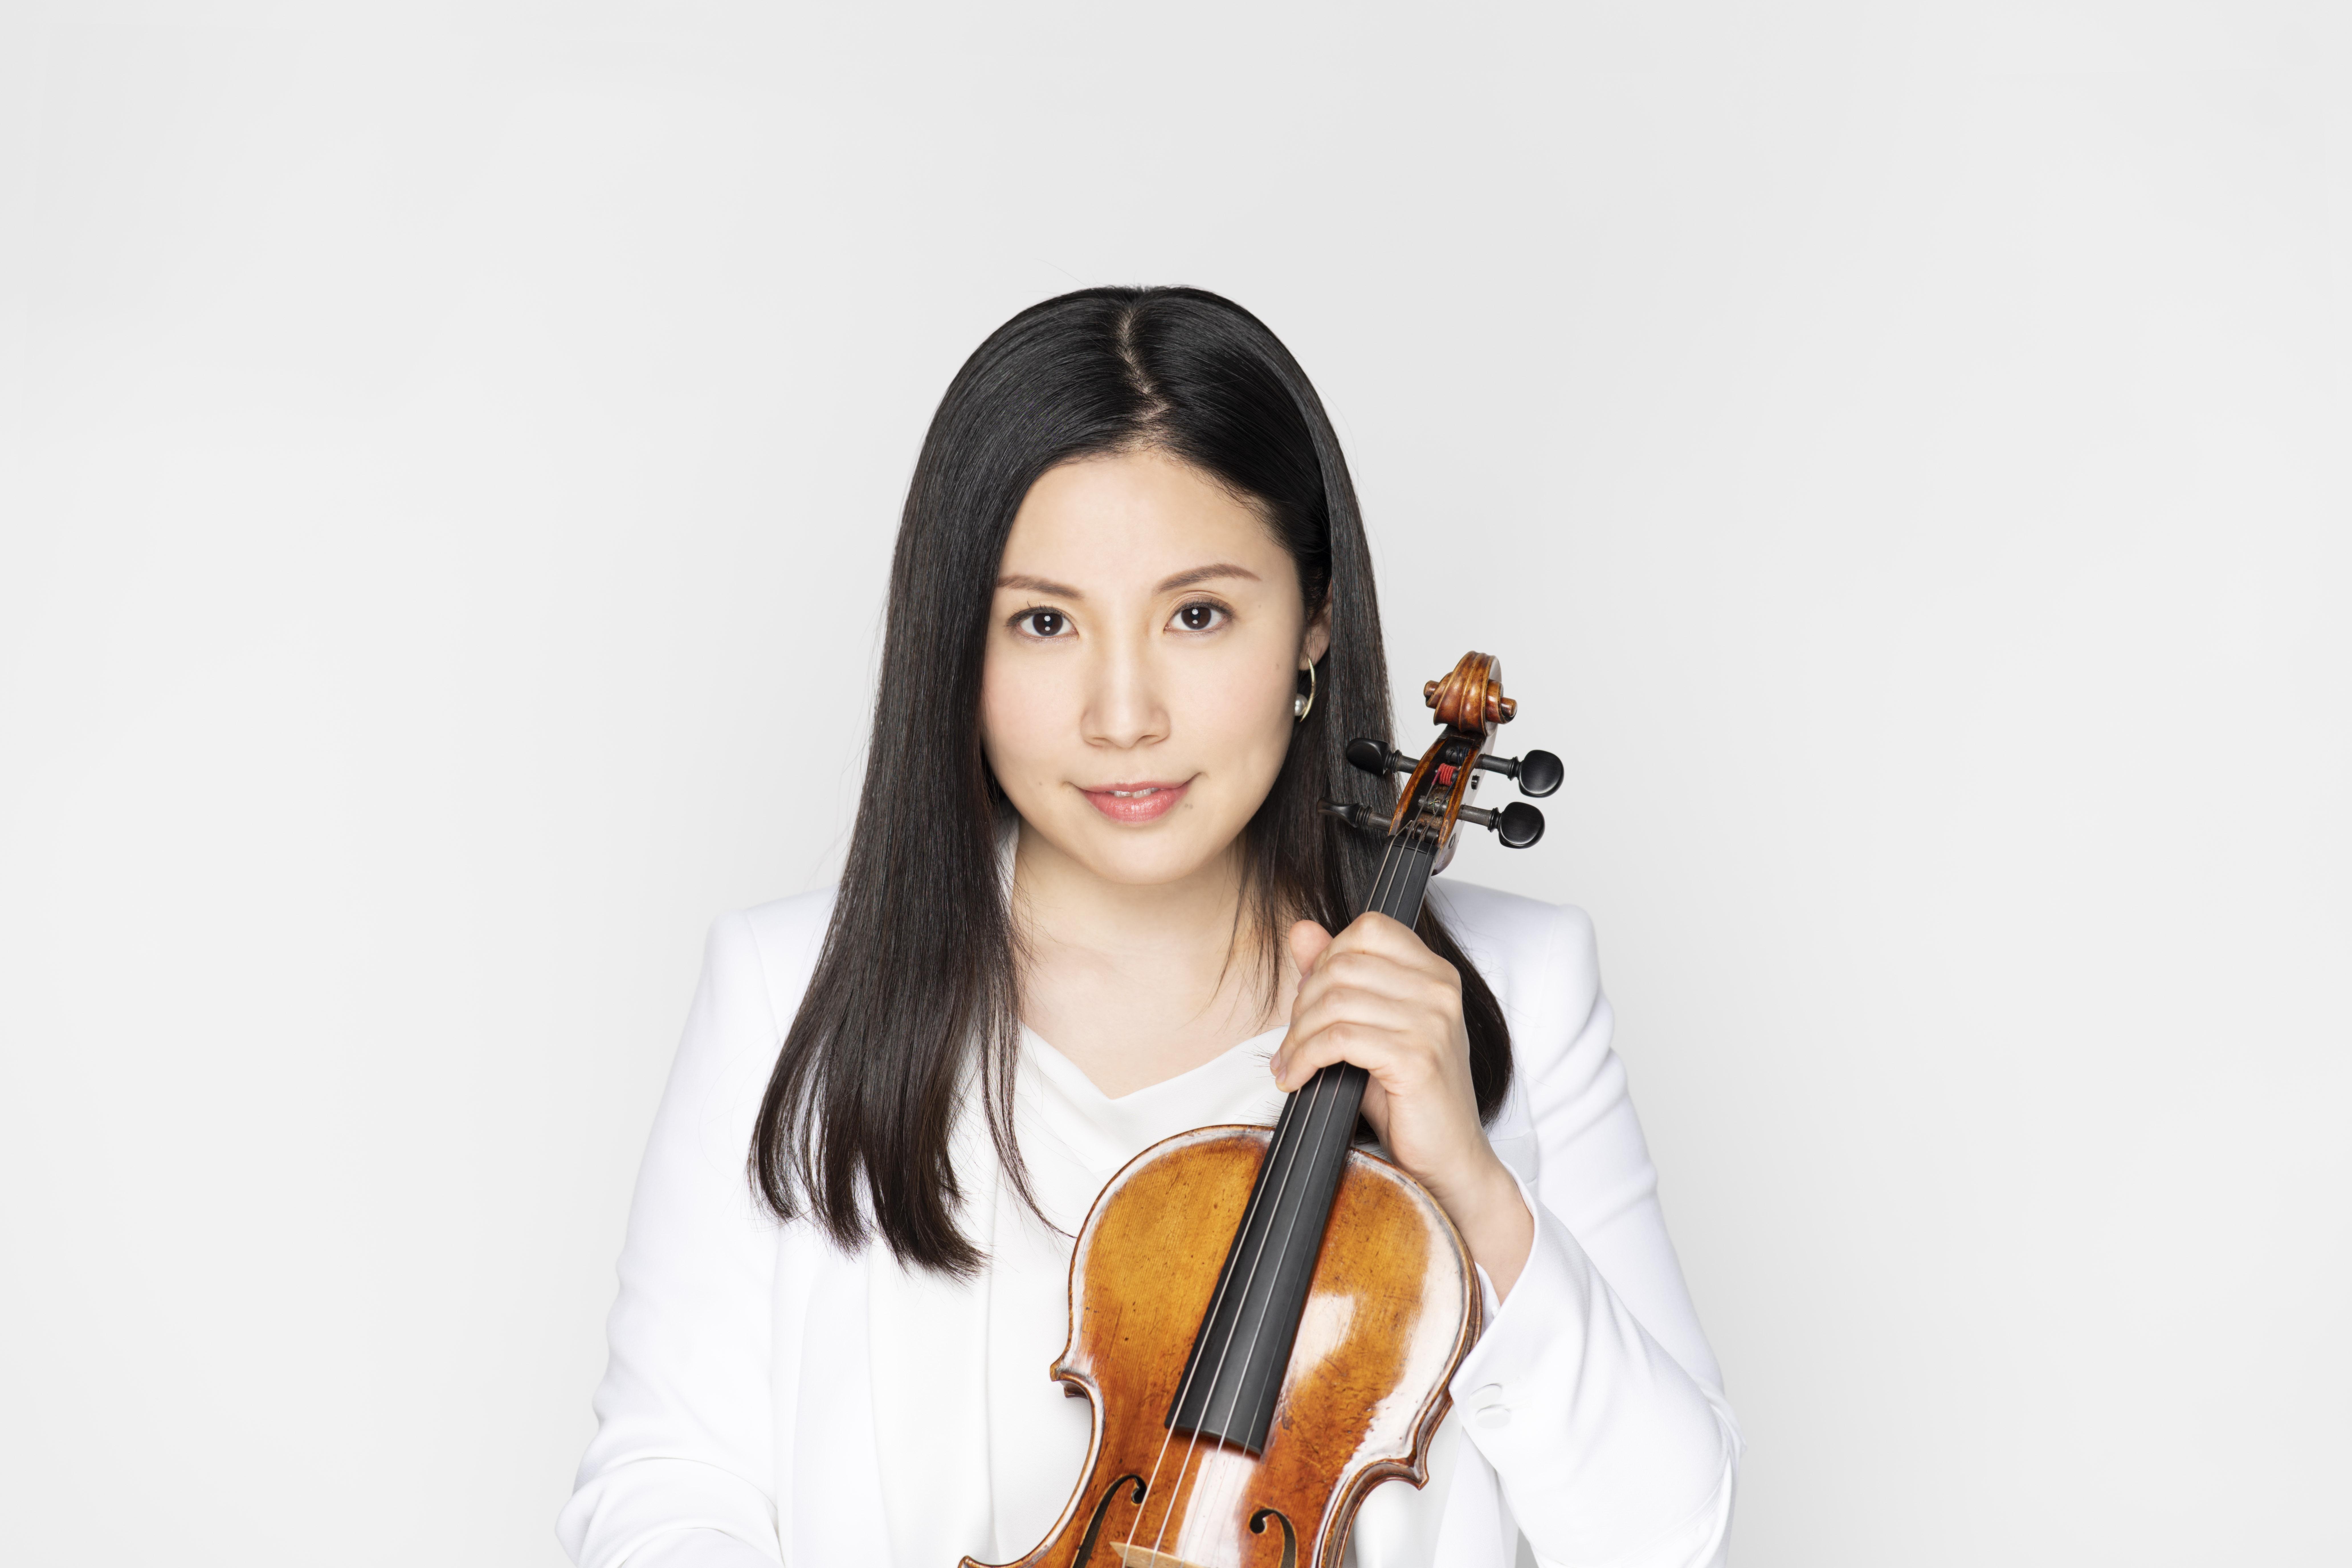 Kyoko Yonemoto